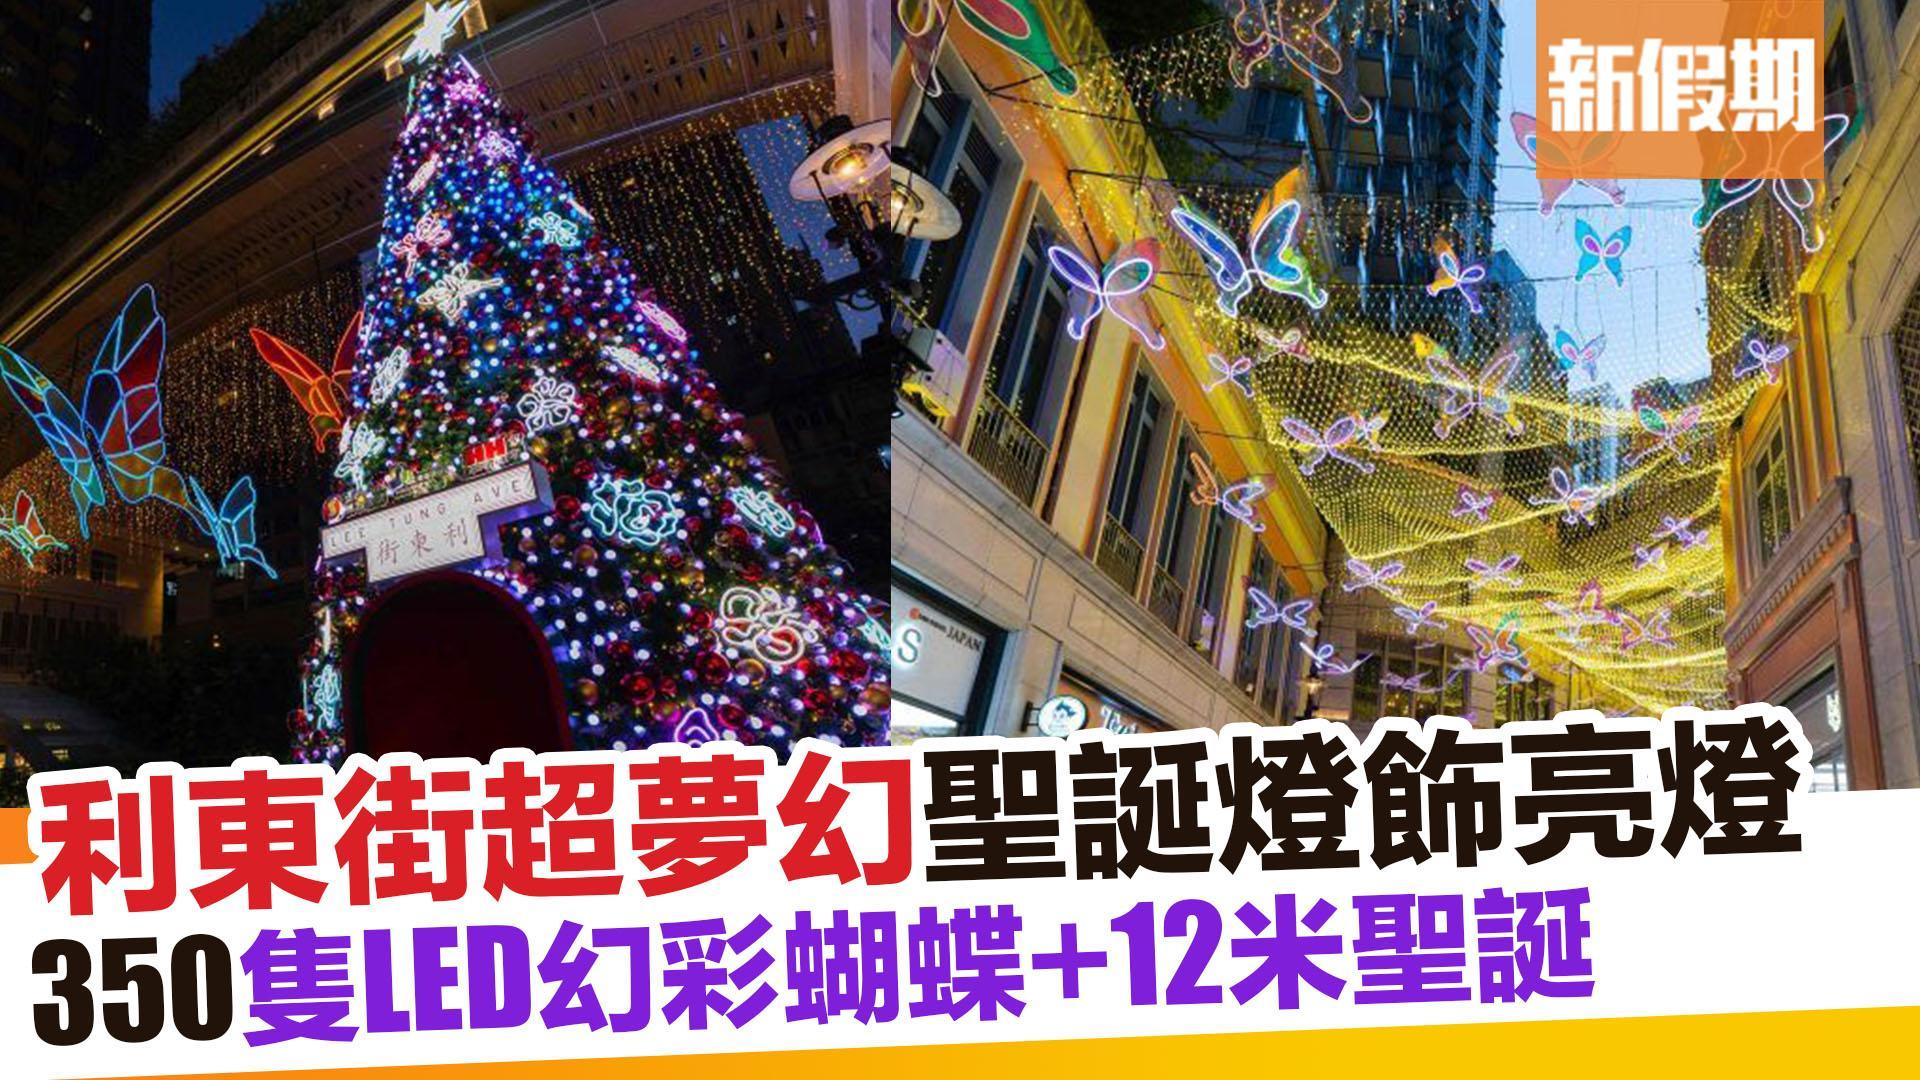 【香港好去處】利東街聖誕燈飾2020!超夢幻350隻幻彩玻璃LED蝴蝶+12米高互動聖誕樹|新假期